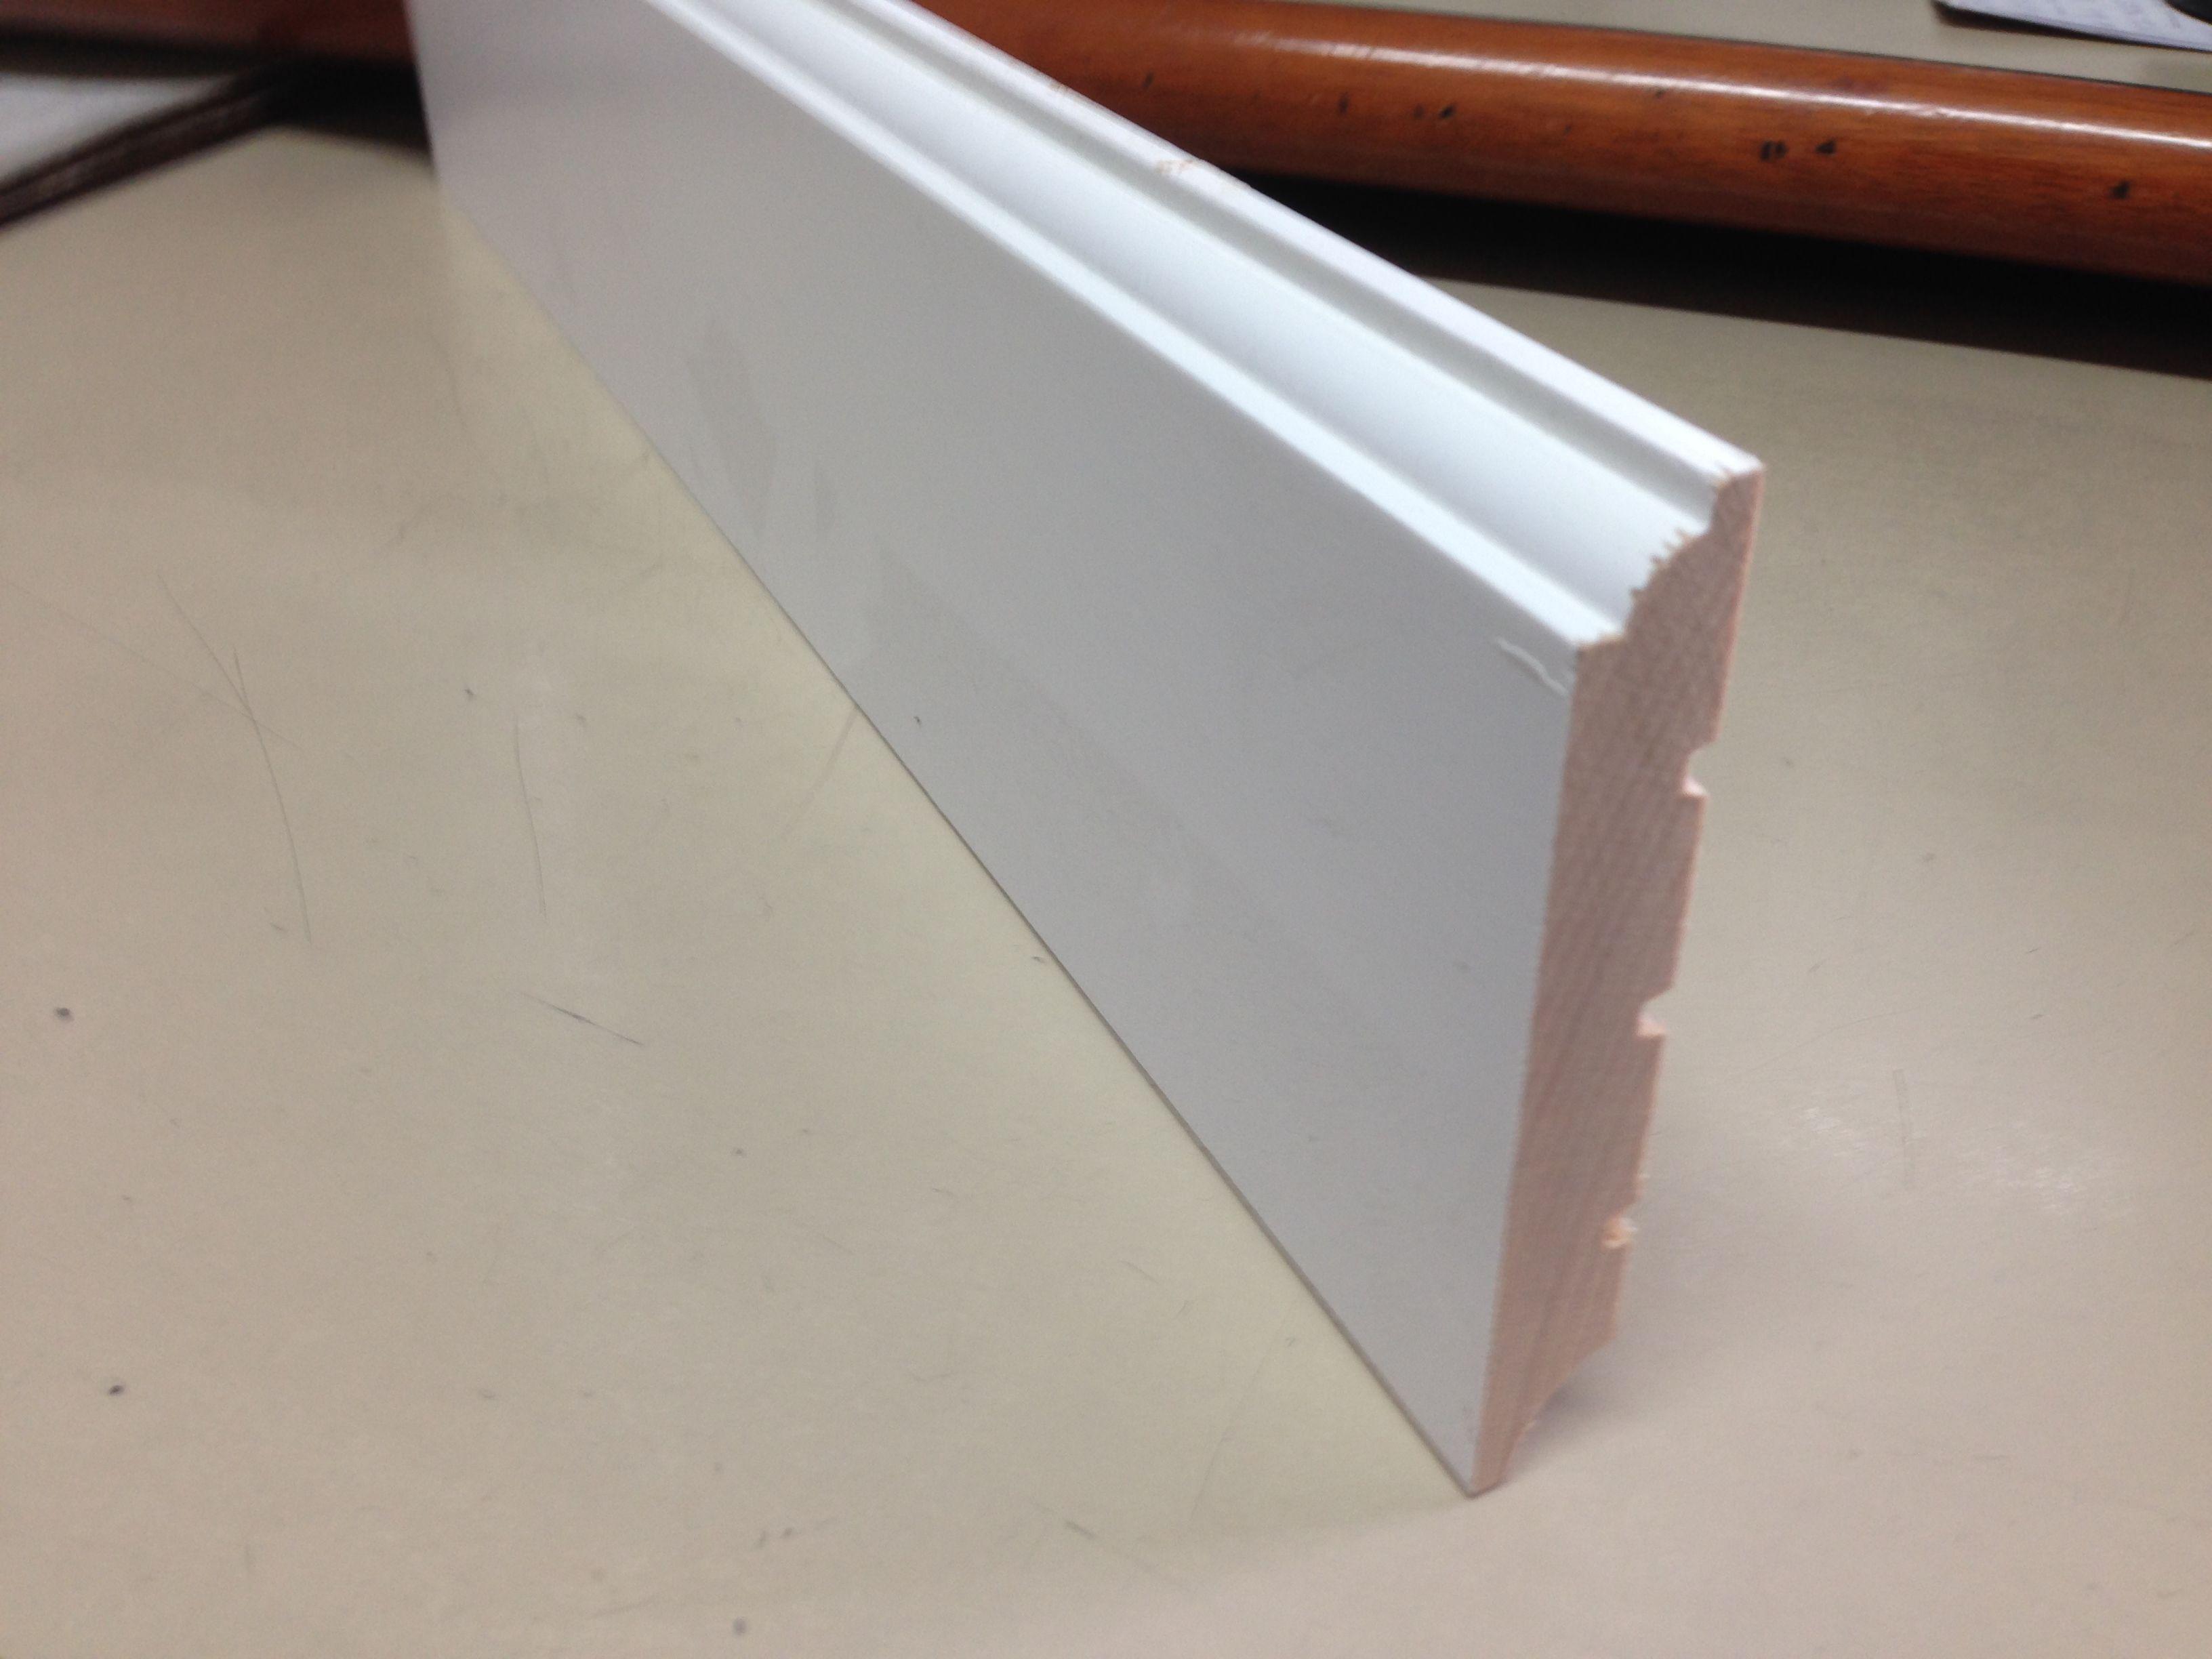 zocalo rodapie madera maciza lacado en blanco con canto con